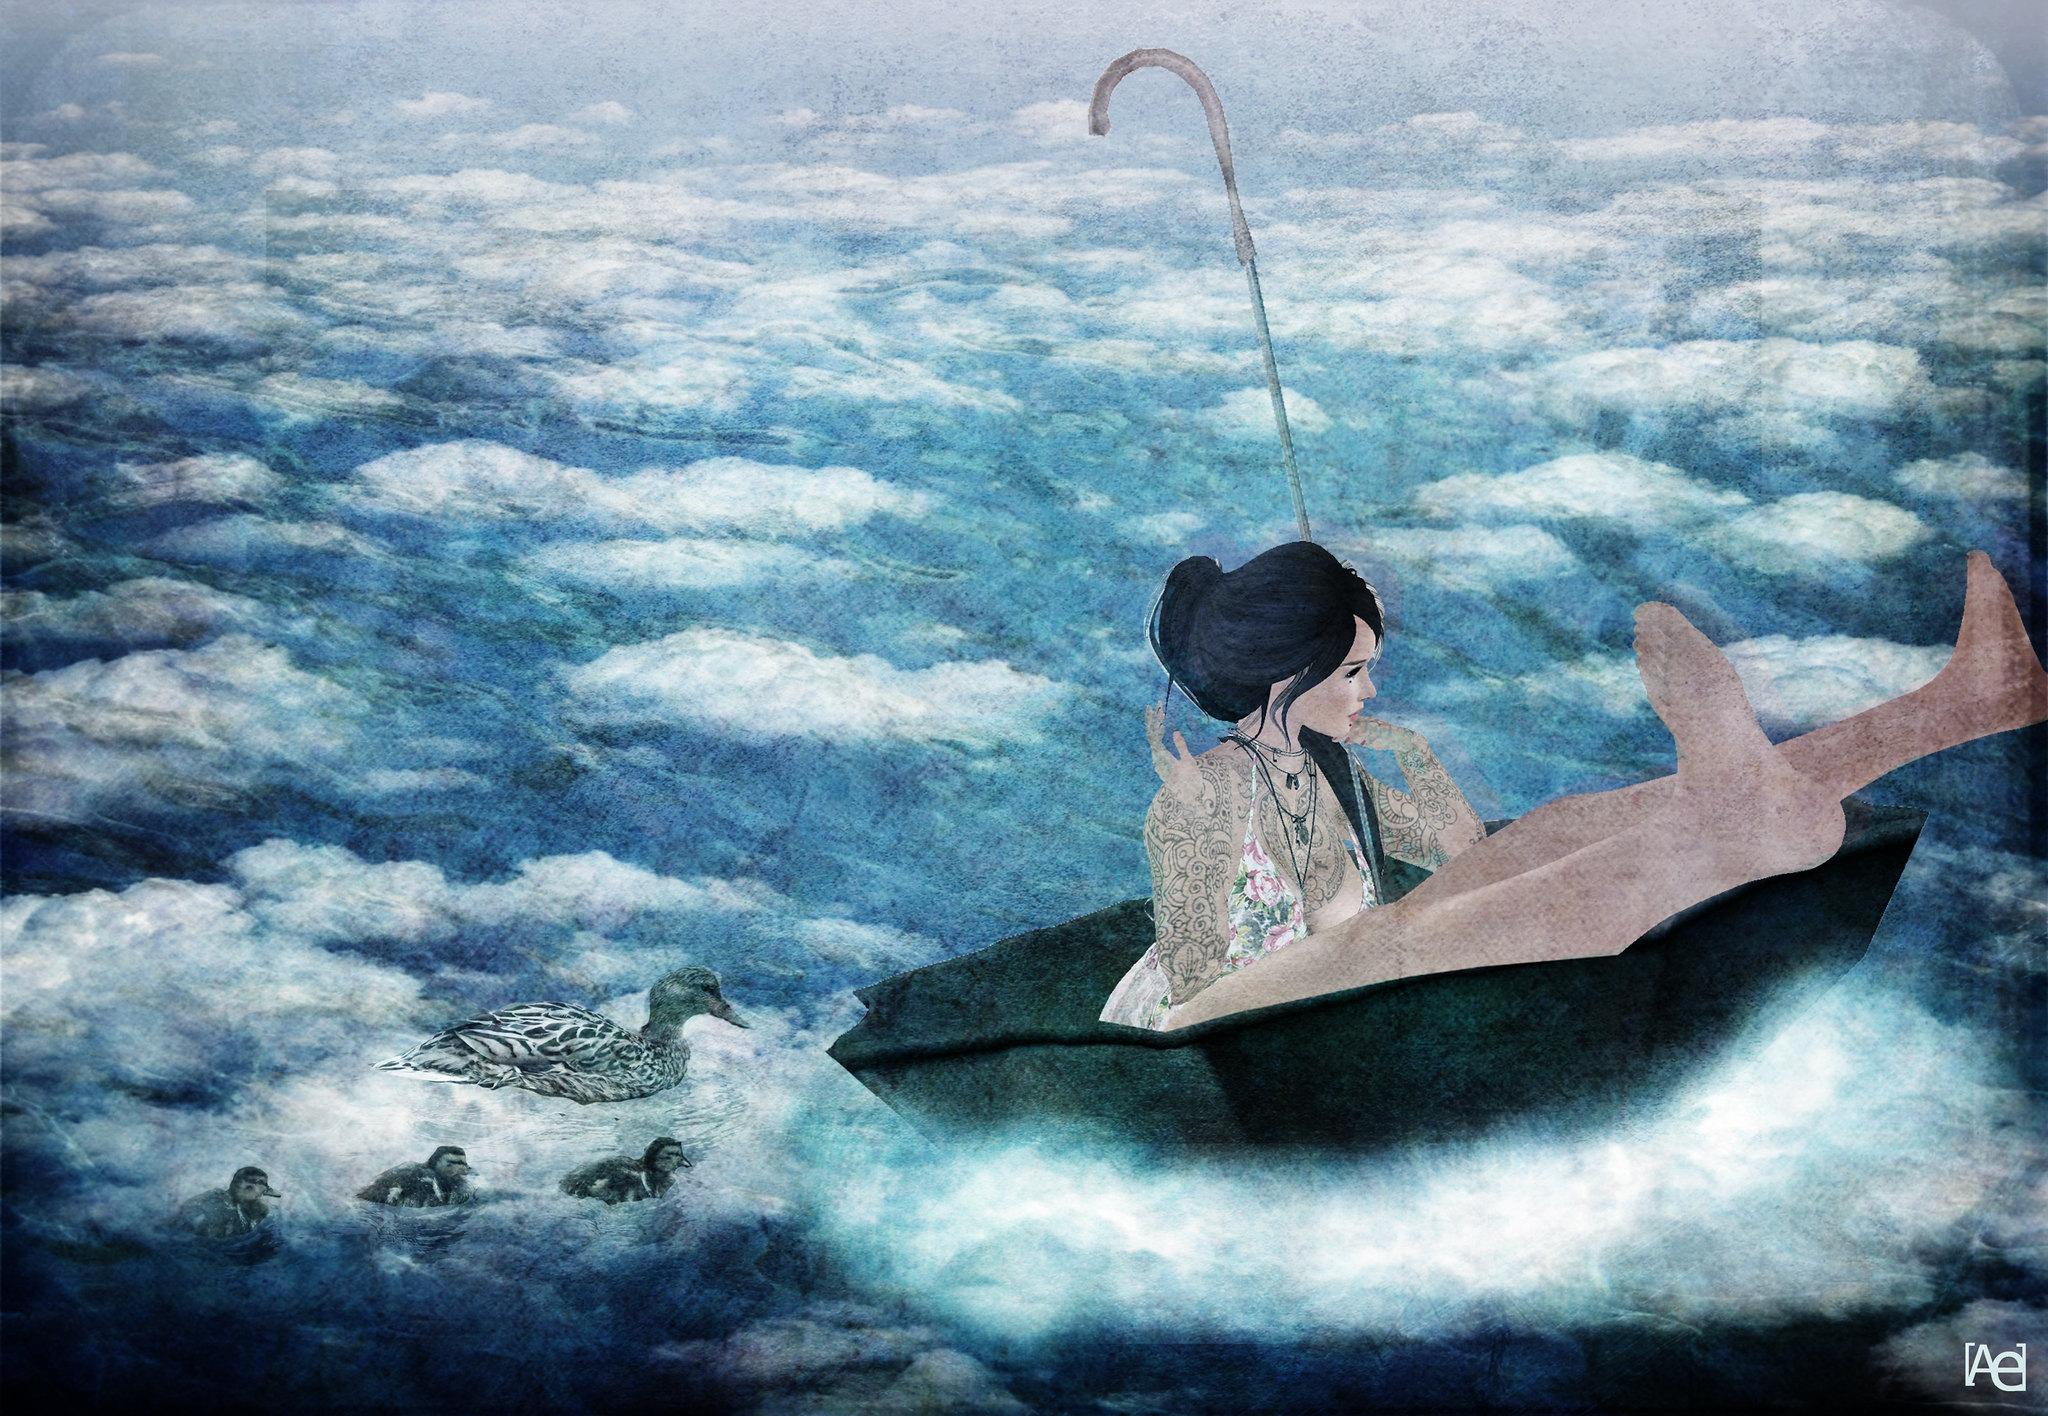 Umbrella ella ella eh eh eh ......